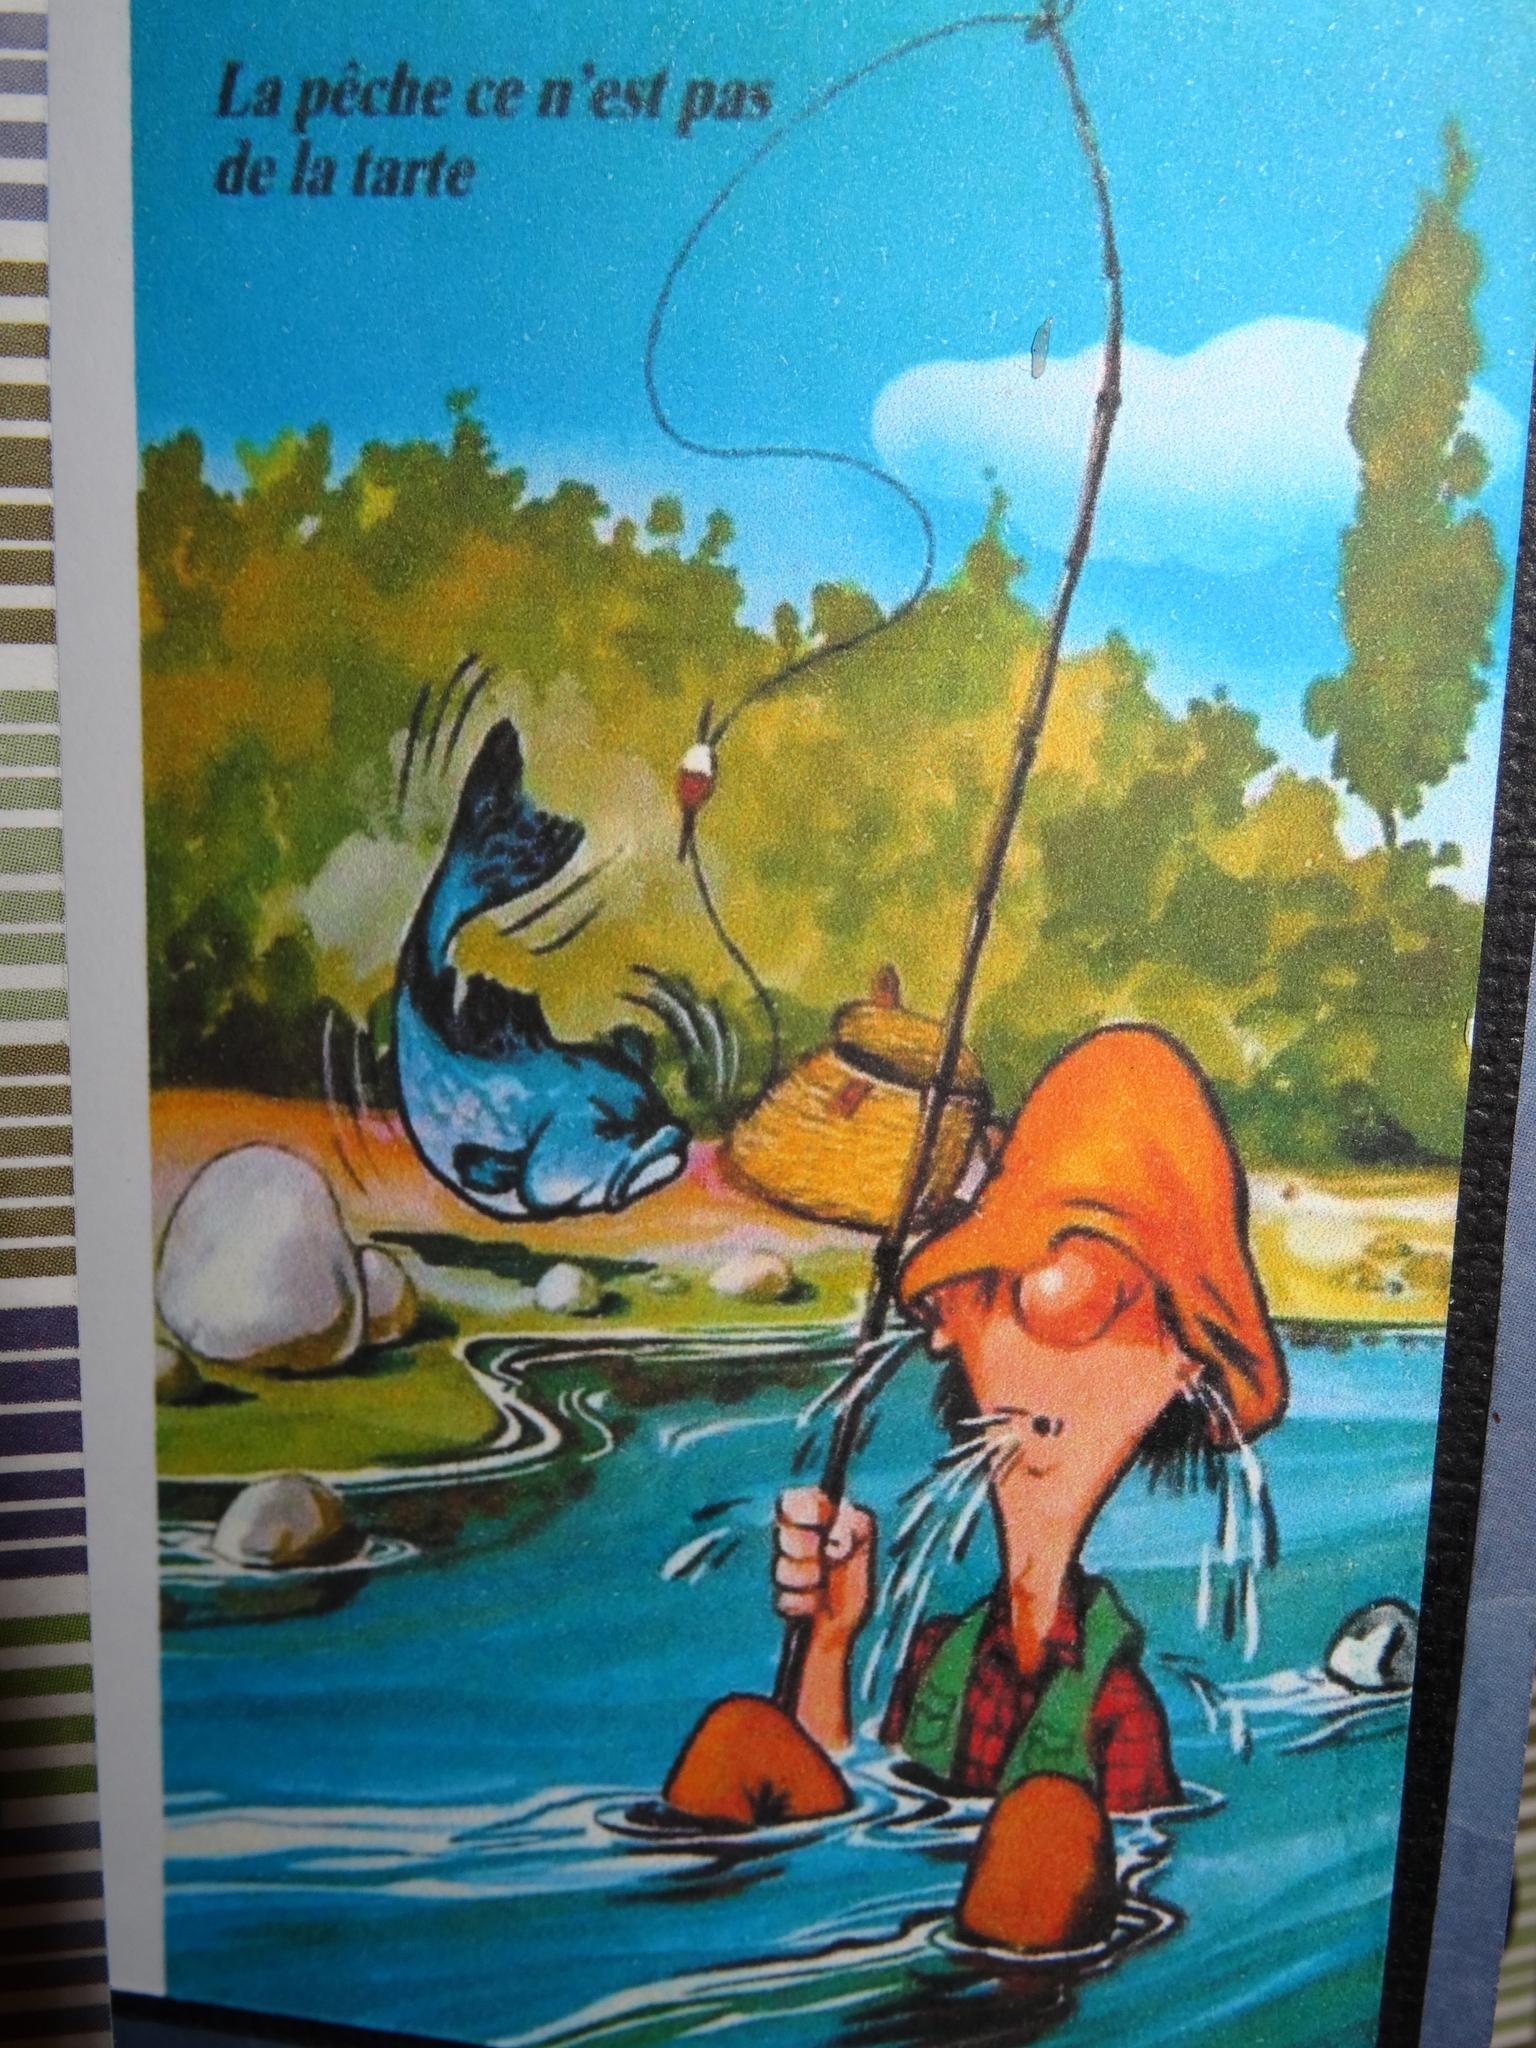 Photos Humour : La pêche ce n